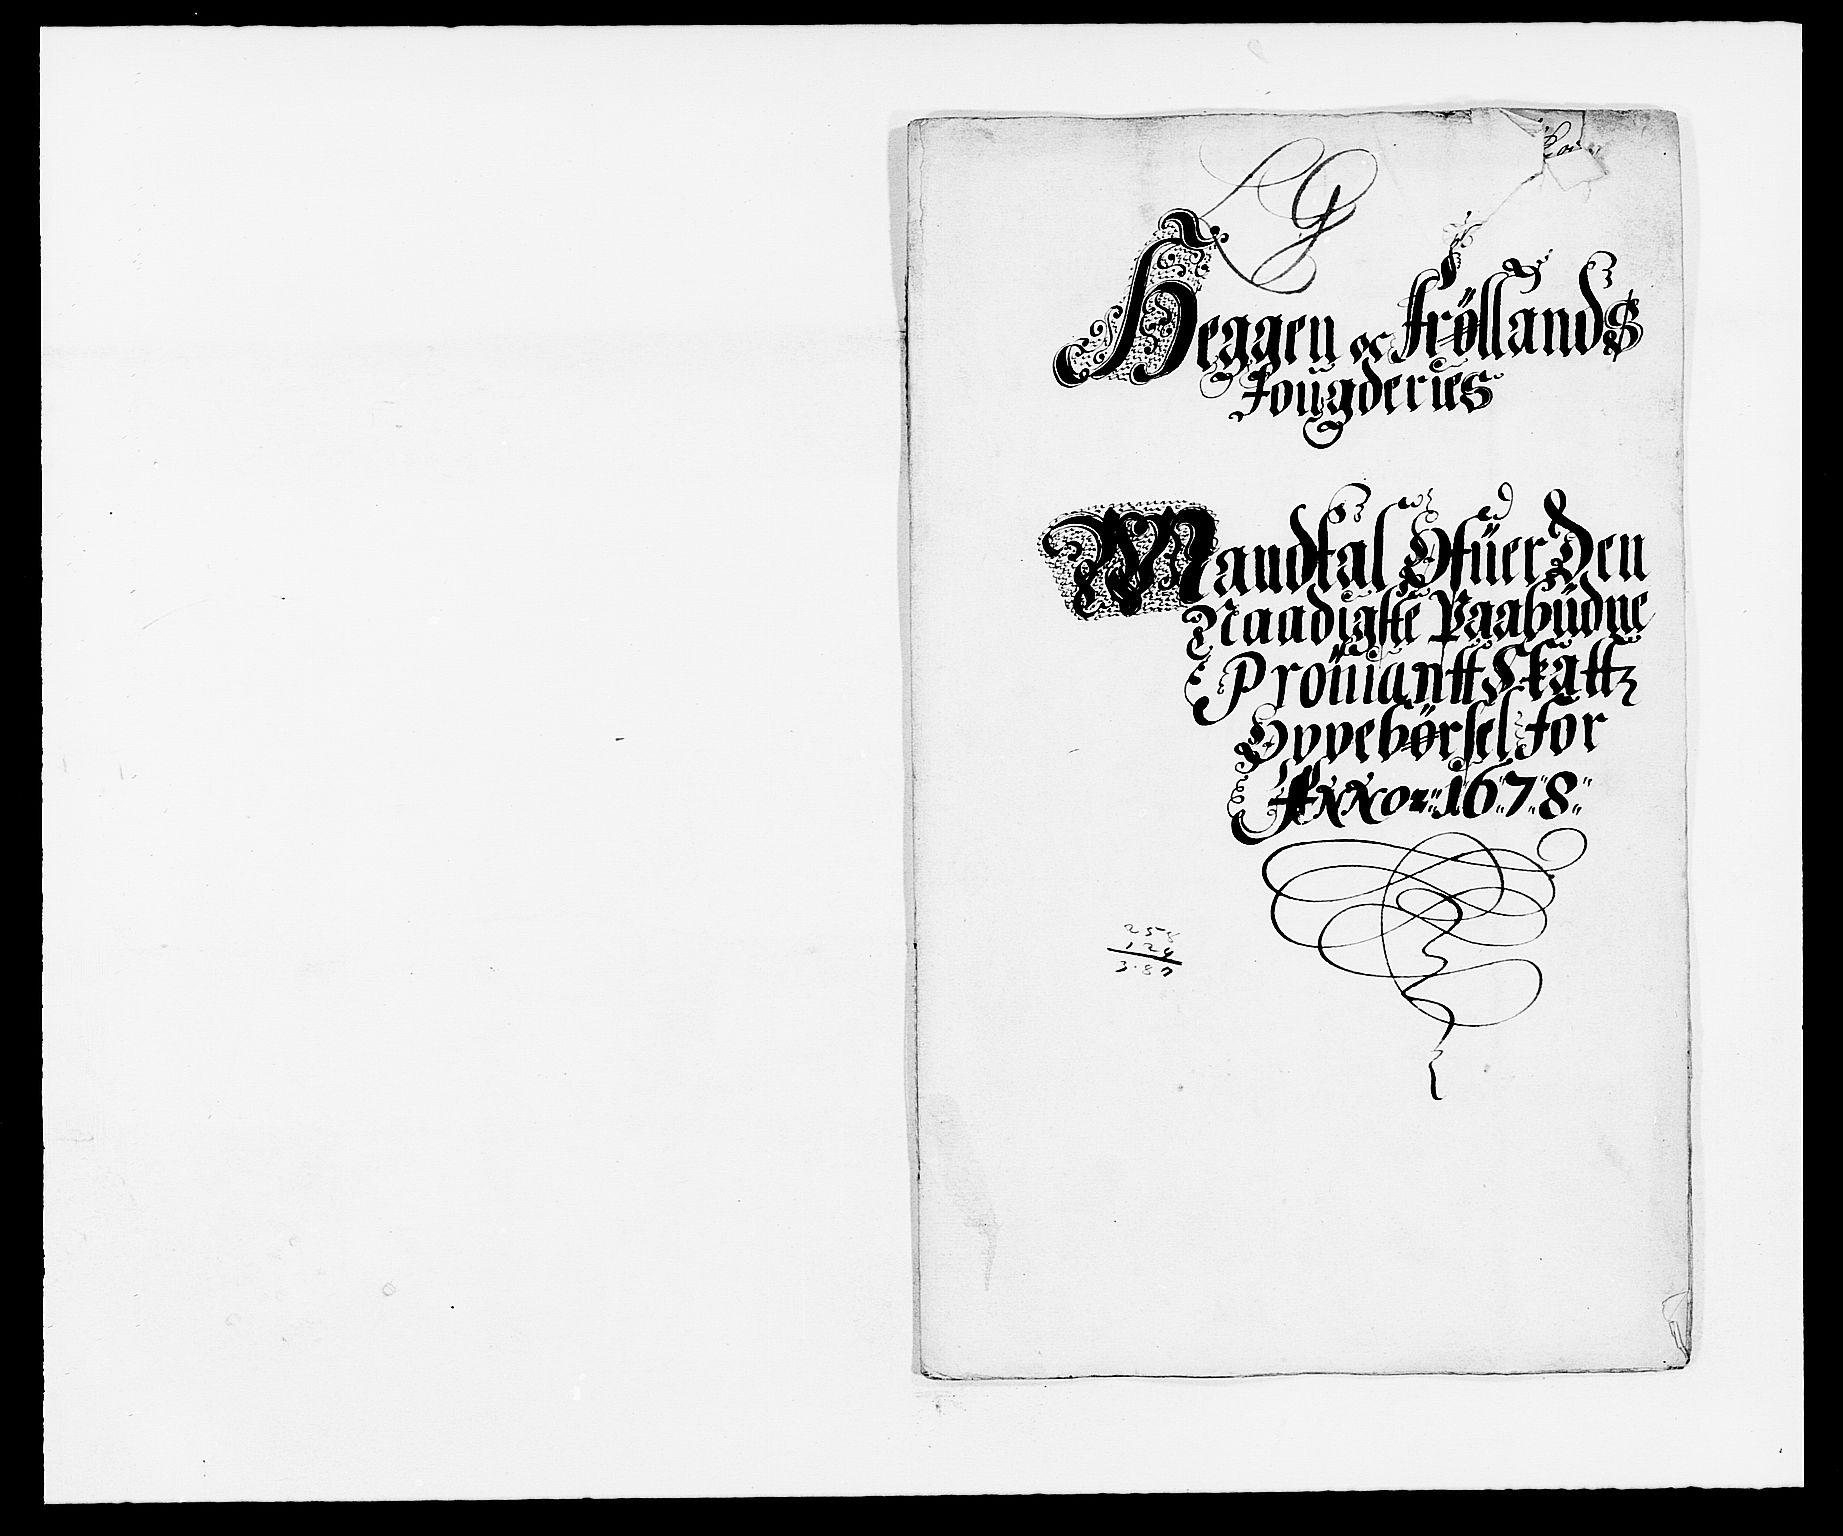 RA, Rentekammeret inntil 1814, Reviderte regnskaper, Fogderegnskap, R06/L0279: Fogderegnskap Heggen og Frøland, 1678-1680, s. 158